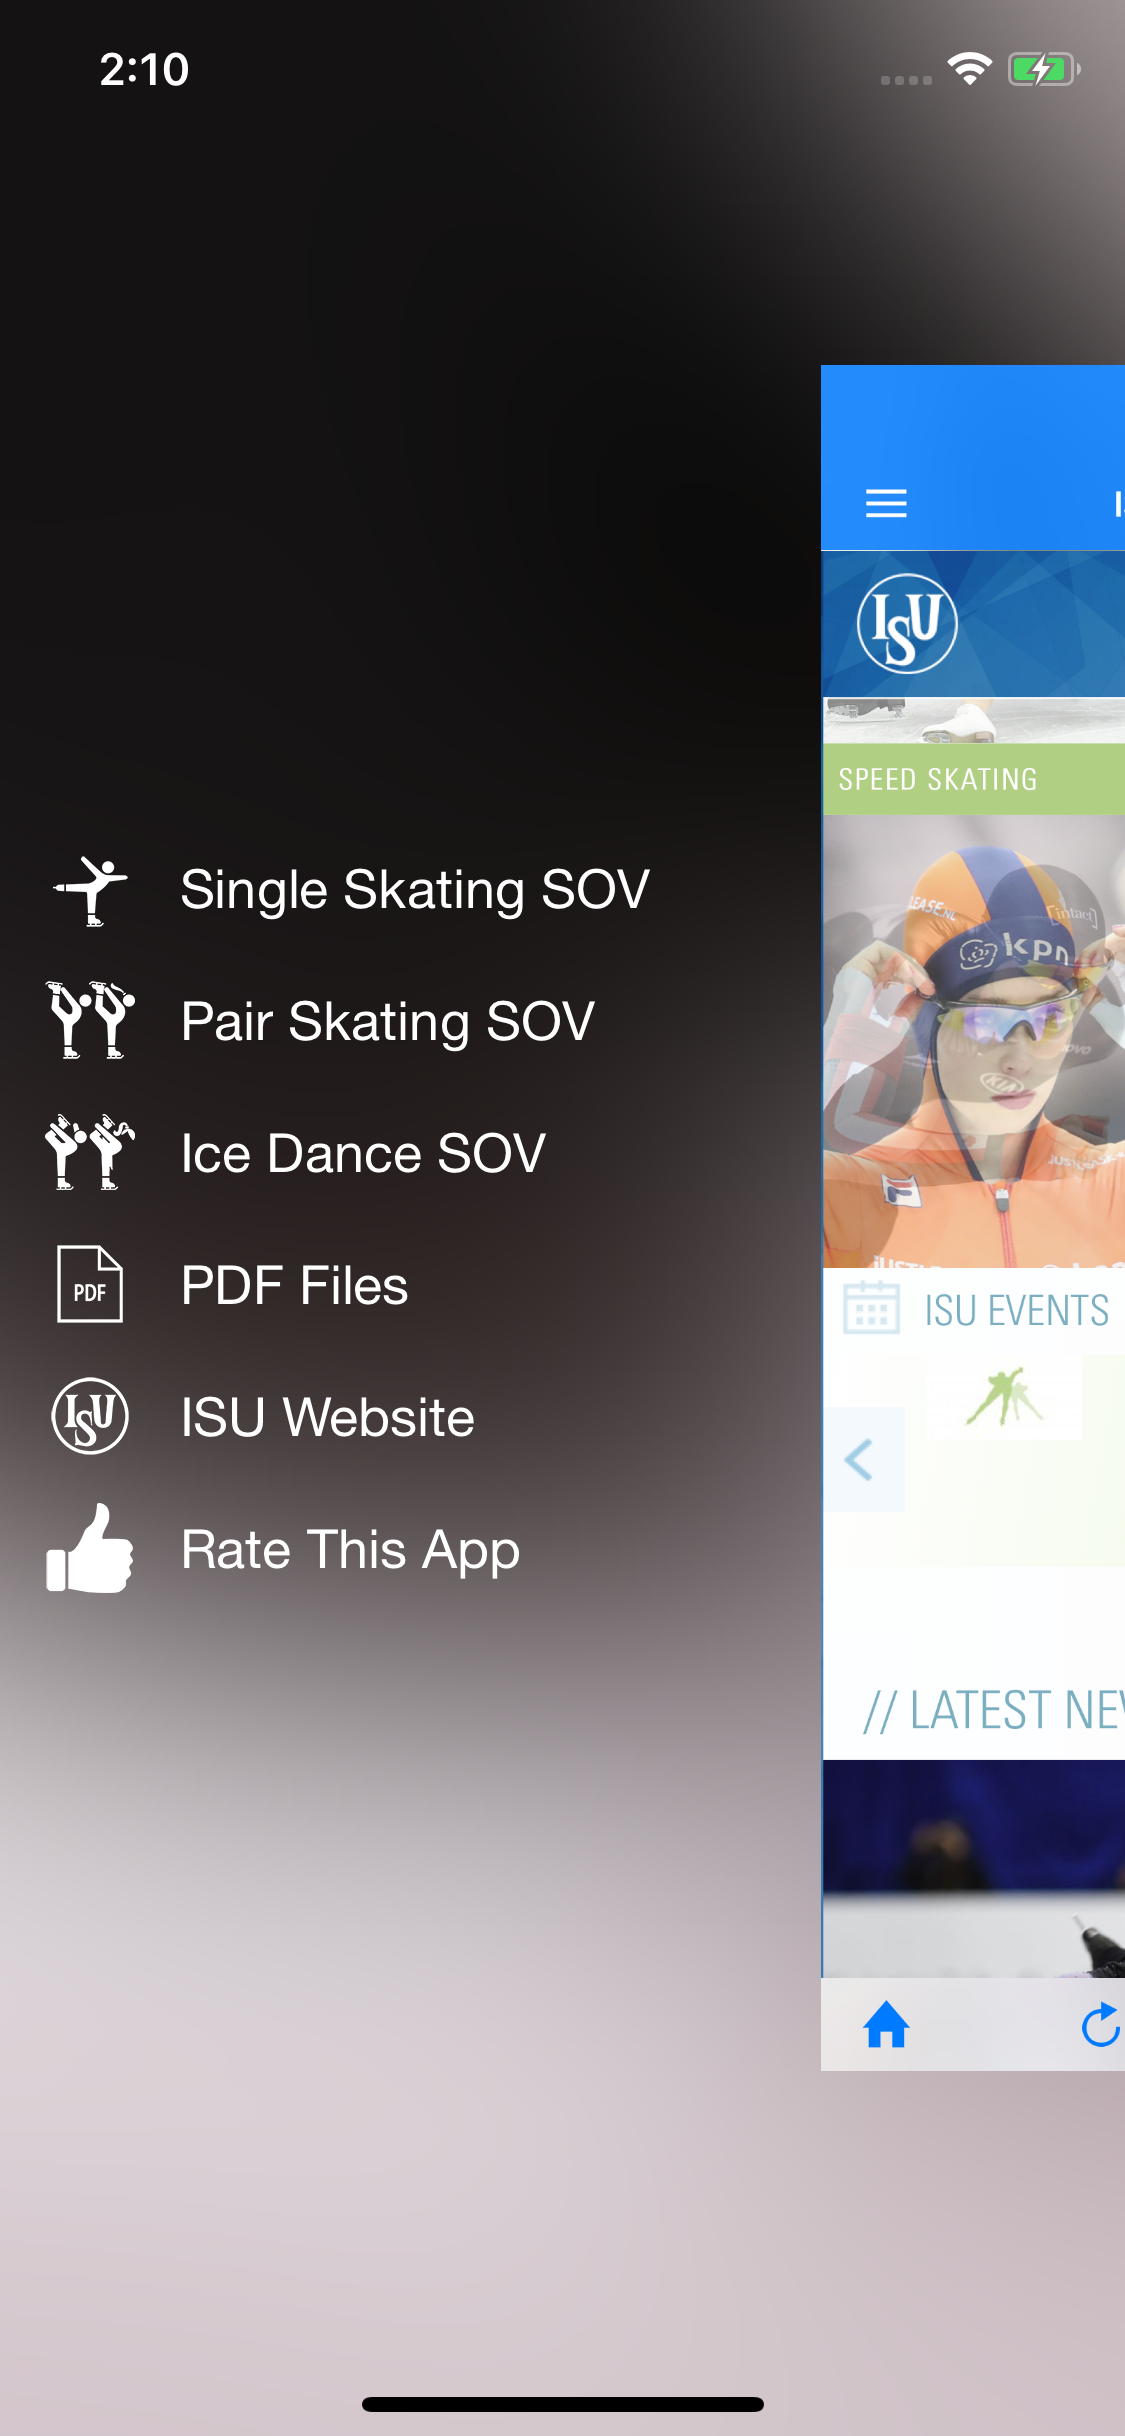 simulator screen shot - iphone x - 2018-01-30 at 14 10 42